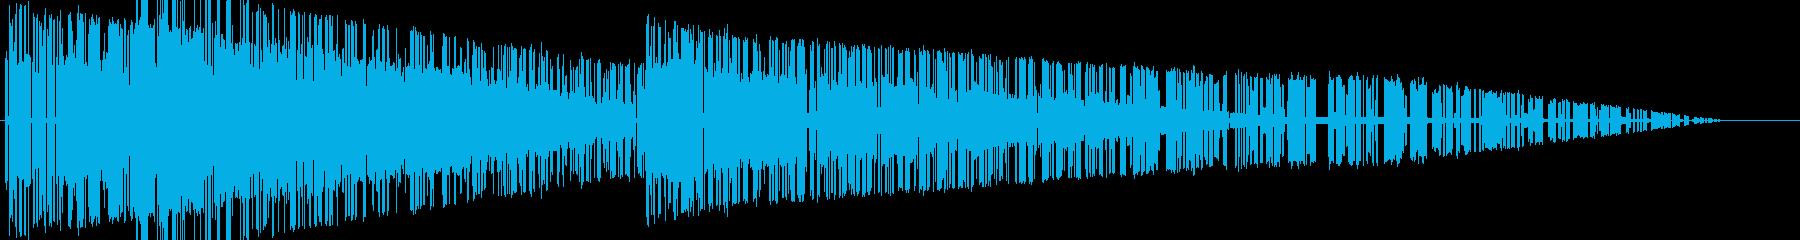 レトロゲーム風魔法・地属性・土系2の再生済みの波形